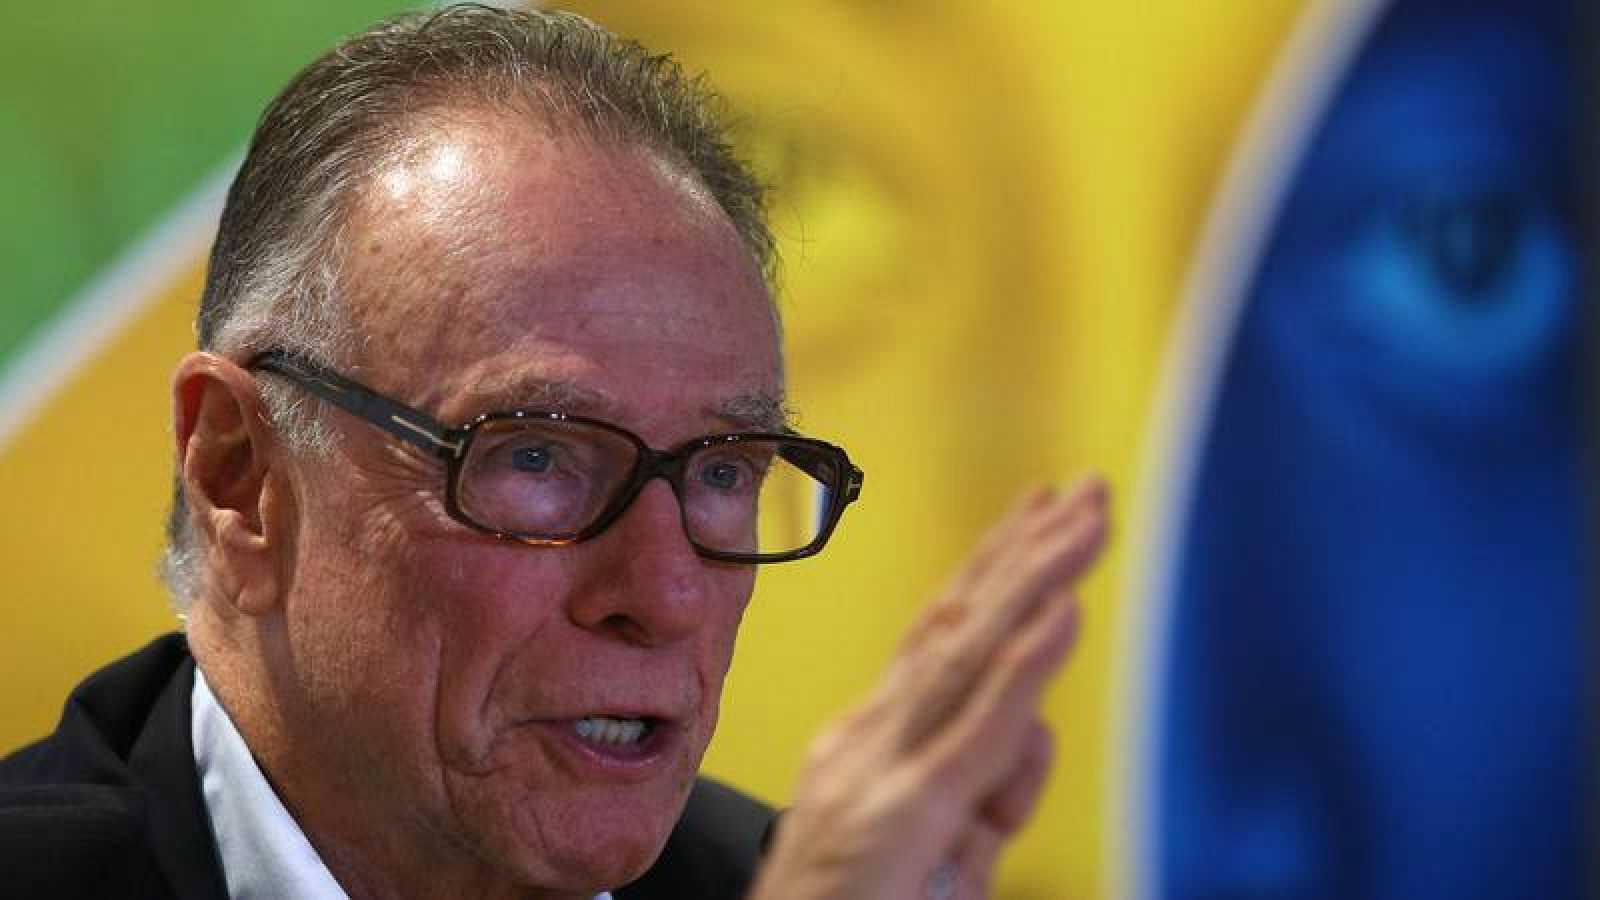 El COI suspende provisionalmente al Comité Olímpico Brasileño y a su presidente